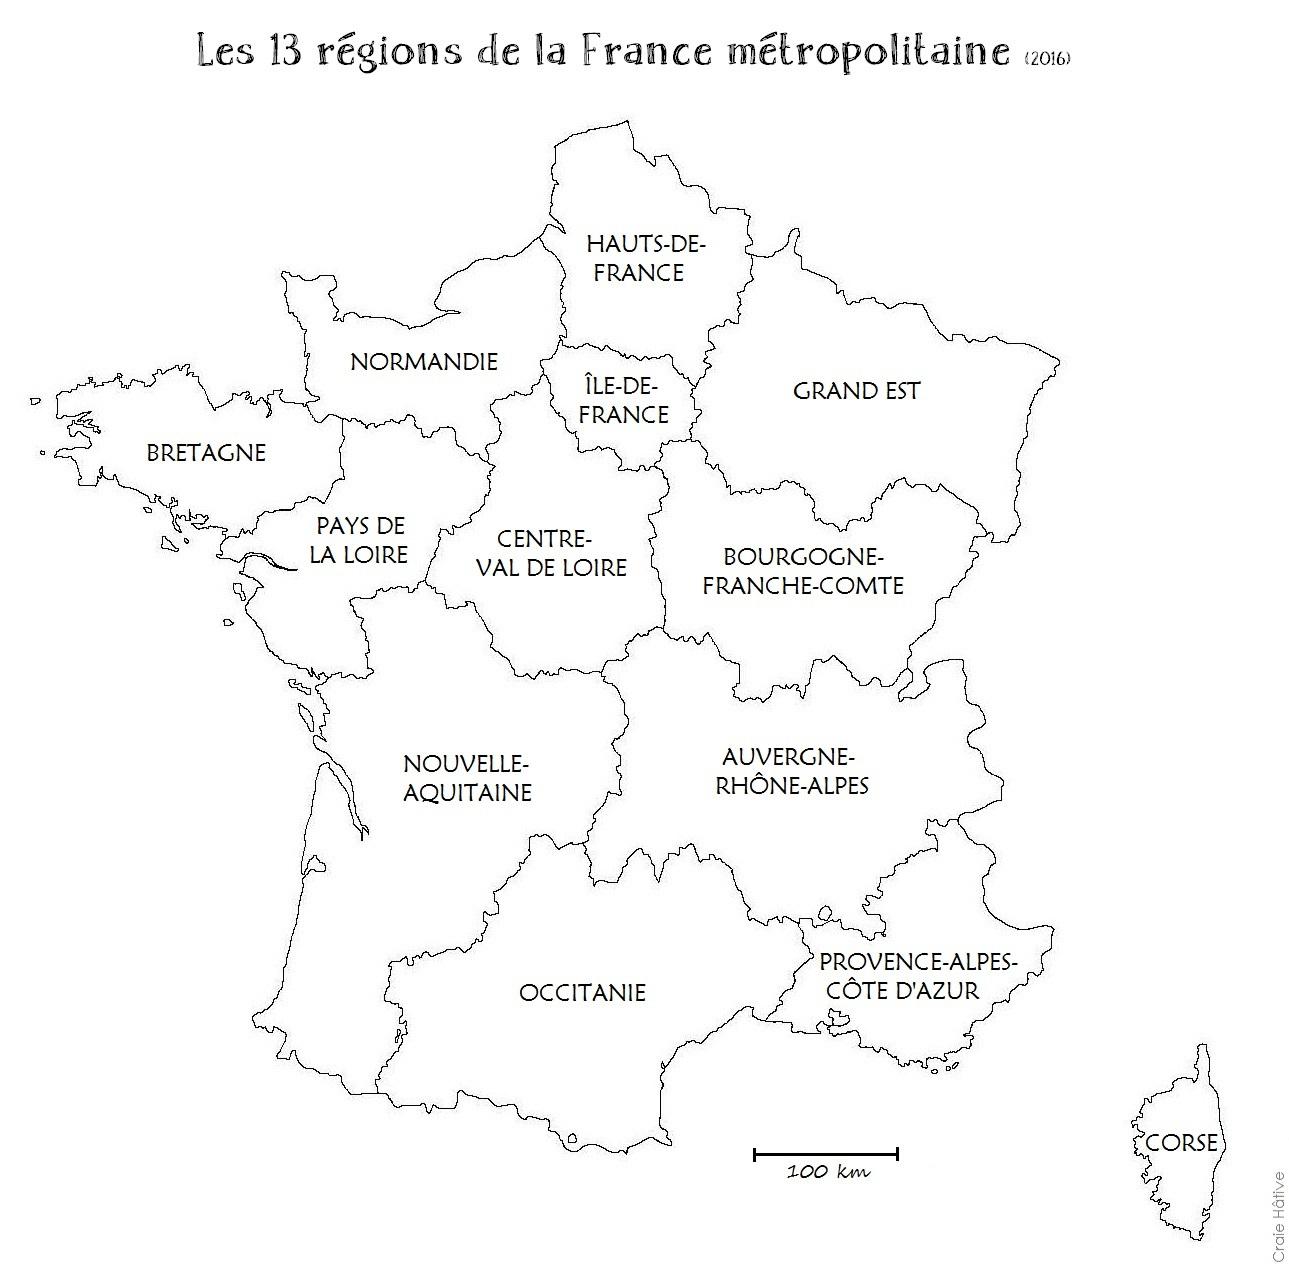 Cartes Des Régions De La France Métropolitaine - 2016 tout Carte Des Régions De France Vierge